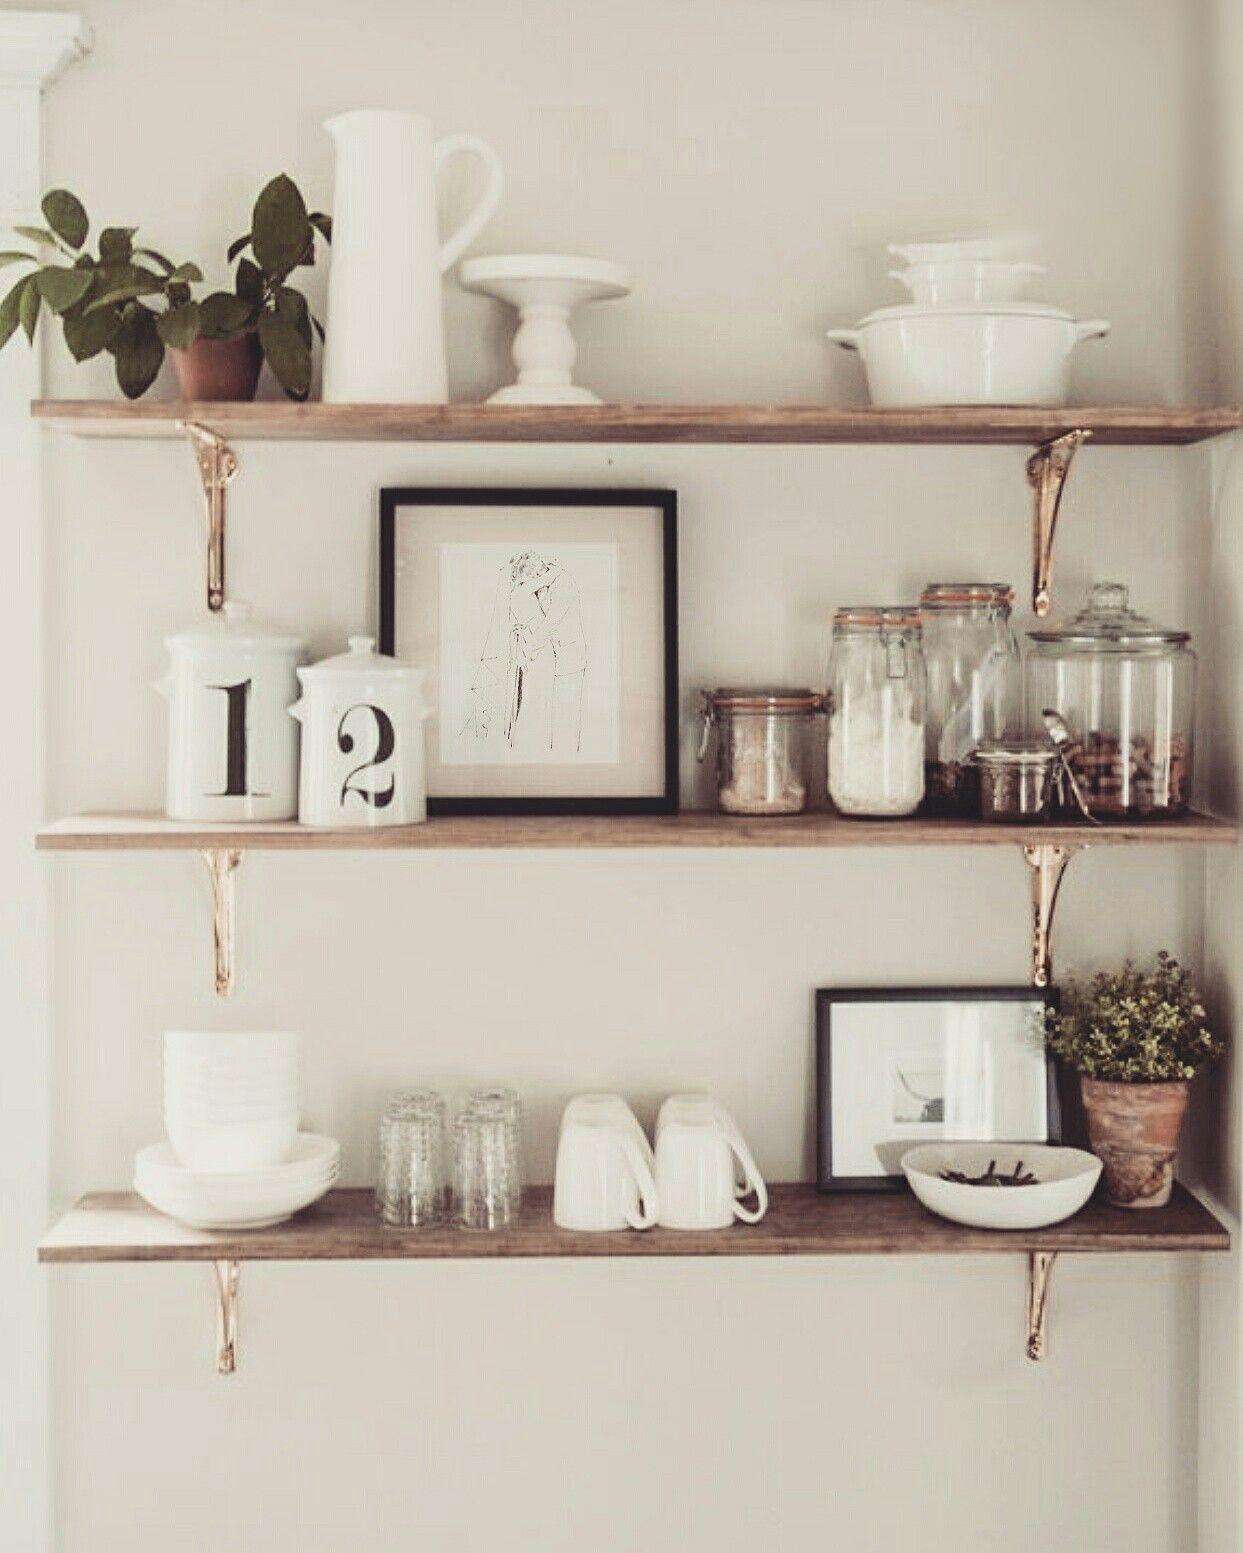 Small Kitchen Gift Ideas: Kitchen Illustration